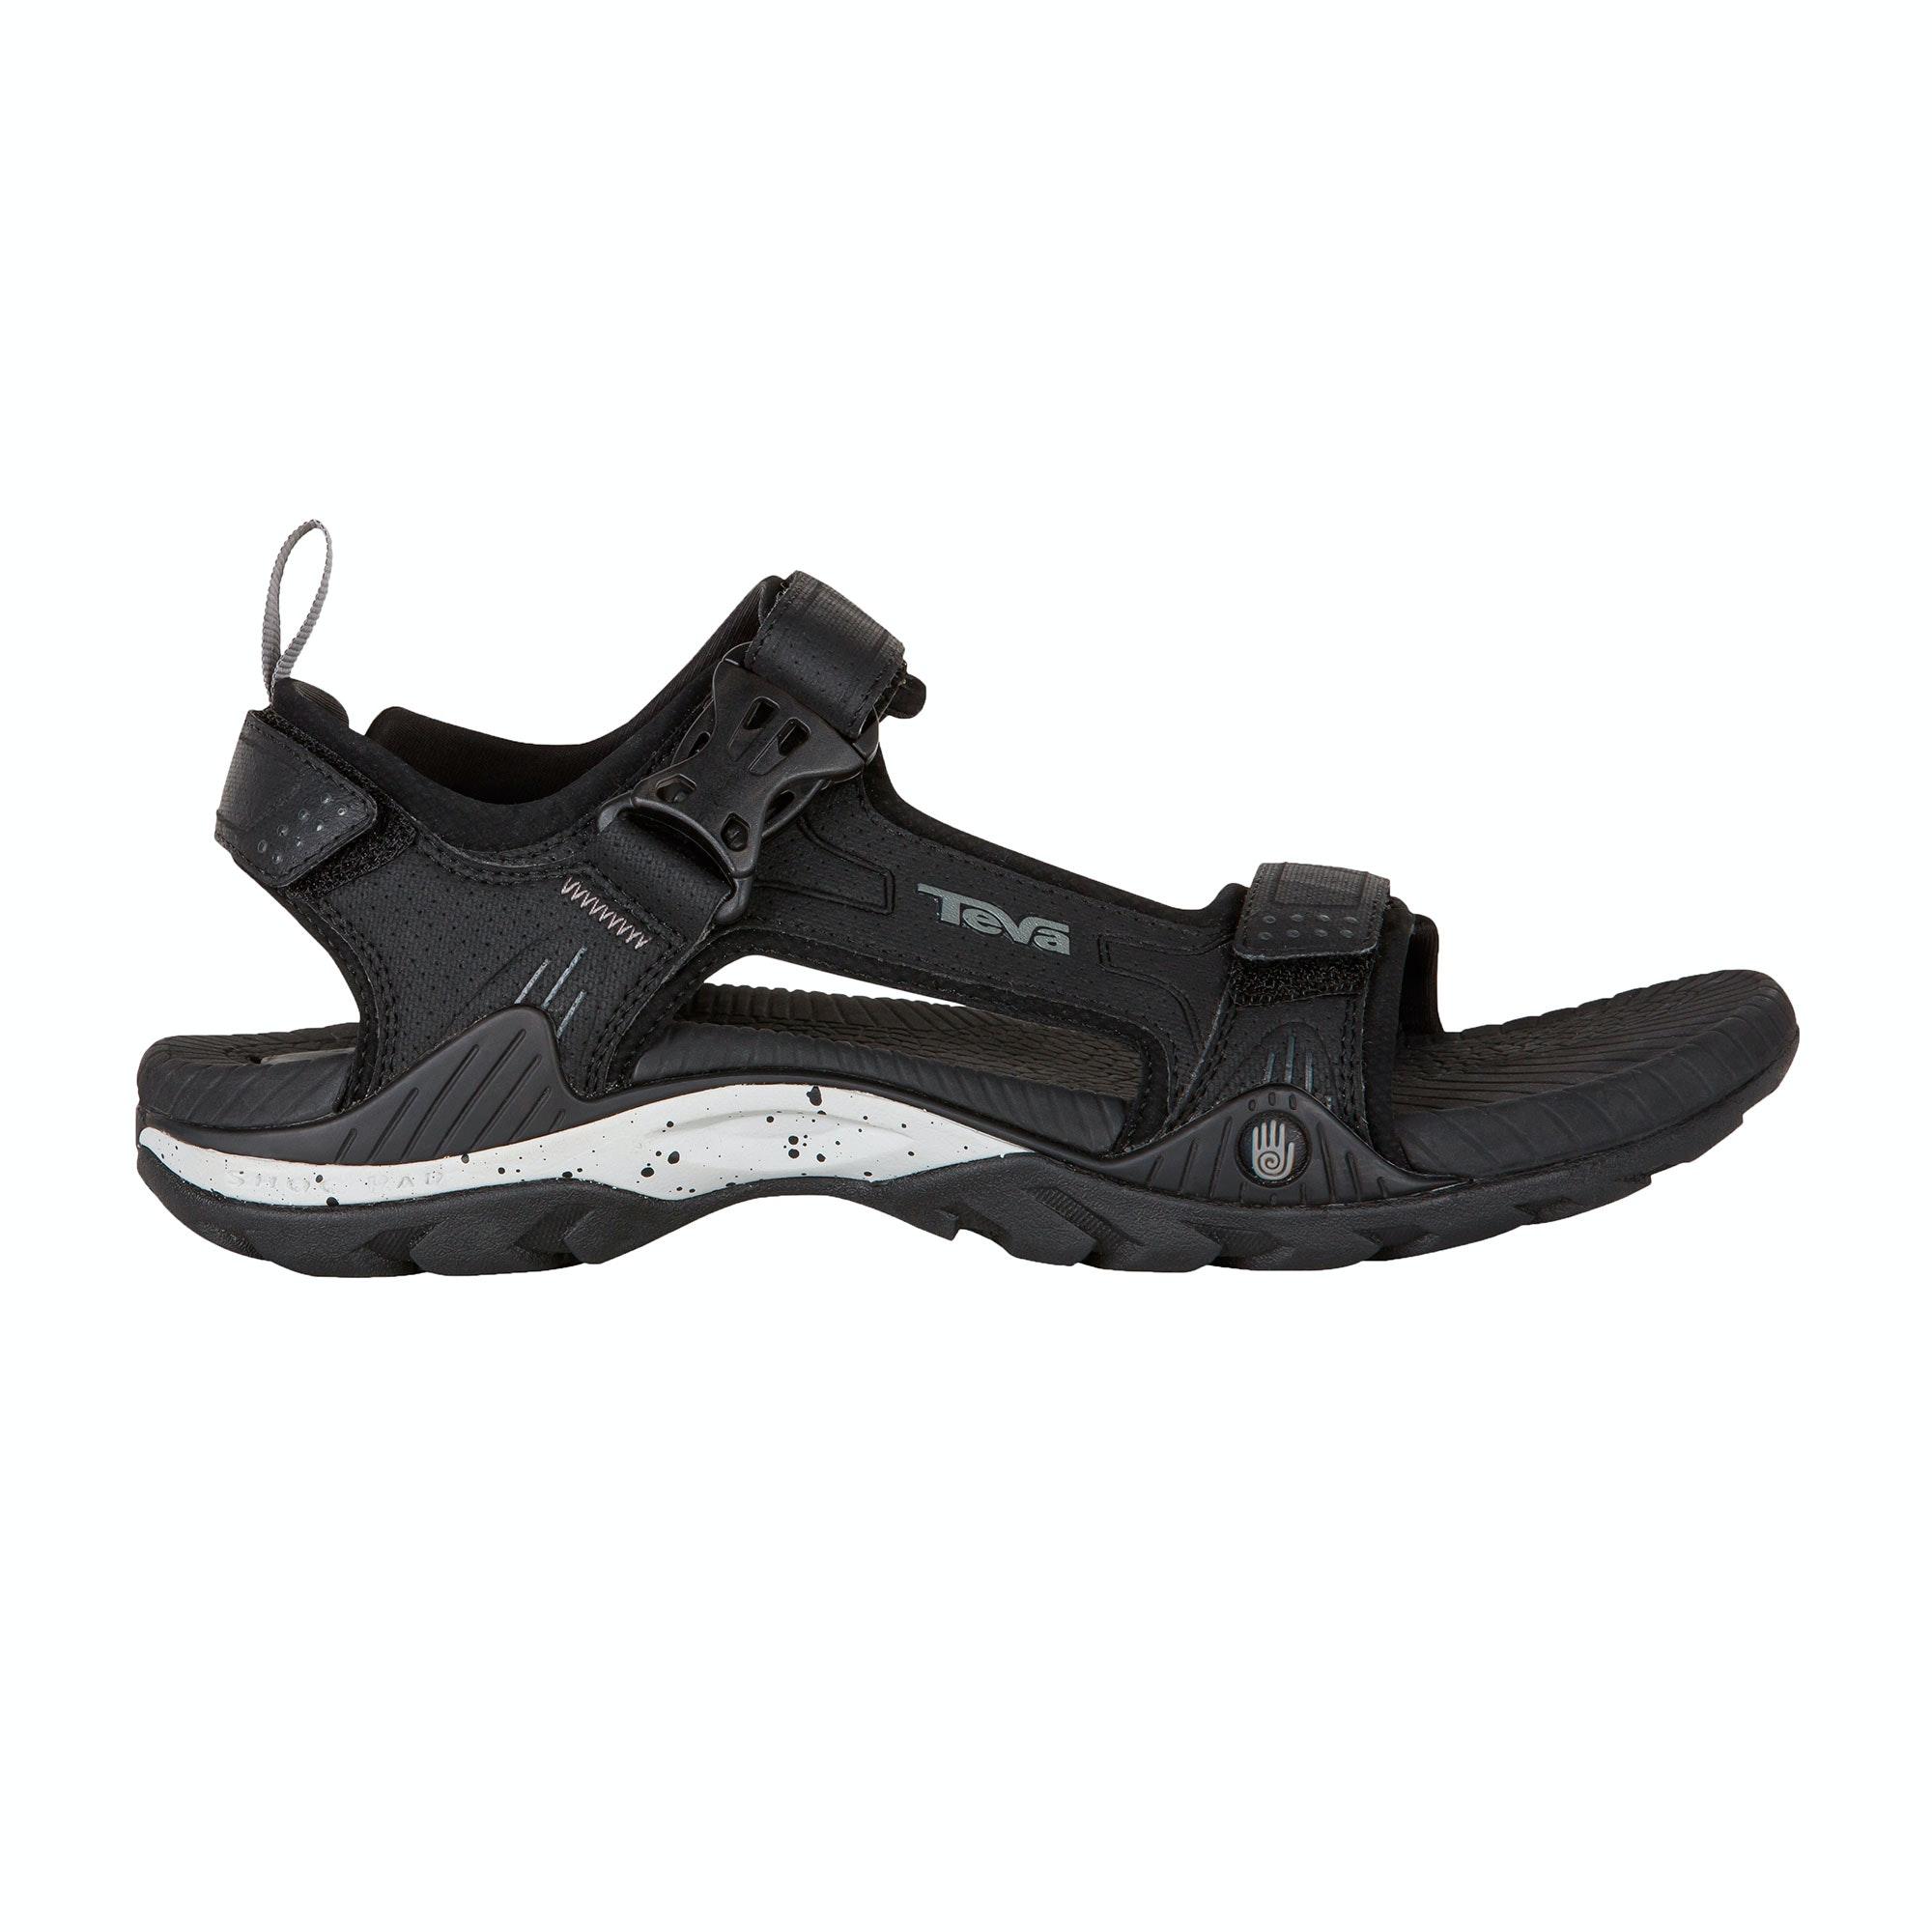 Womens Sandalsshoesmensamp; Au Teva Sale Footwear Byg6f7 xCodeB